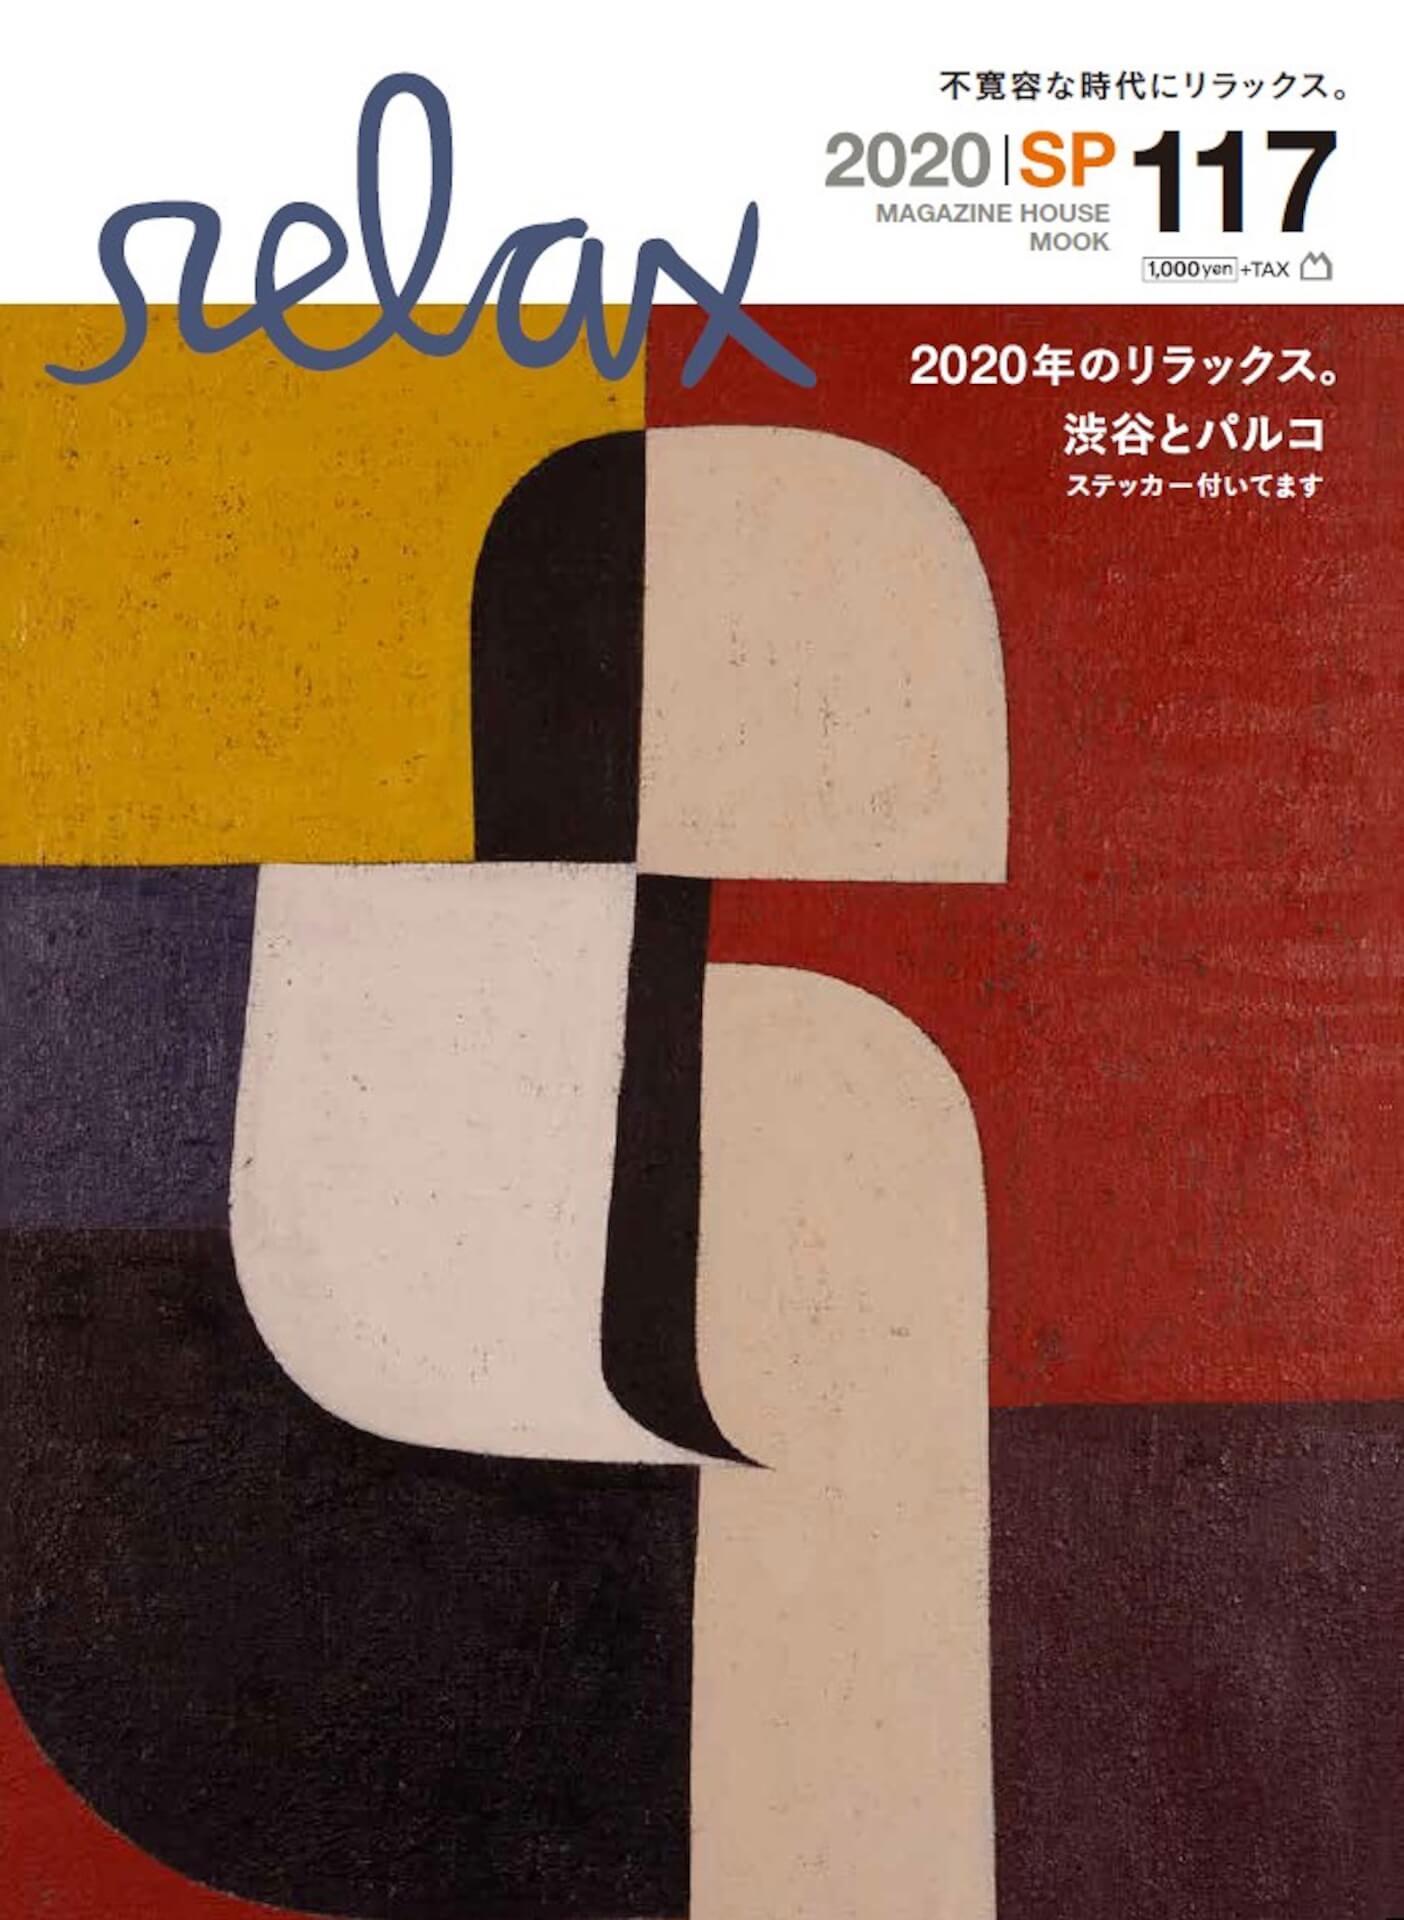 渋谷PARCO1周年を記念してカルチャー雑誌『relax』が一号限定で復活!期間限定でrelax公式instagramもスタート culture20201030_relax_1